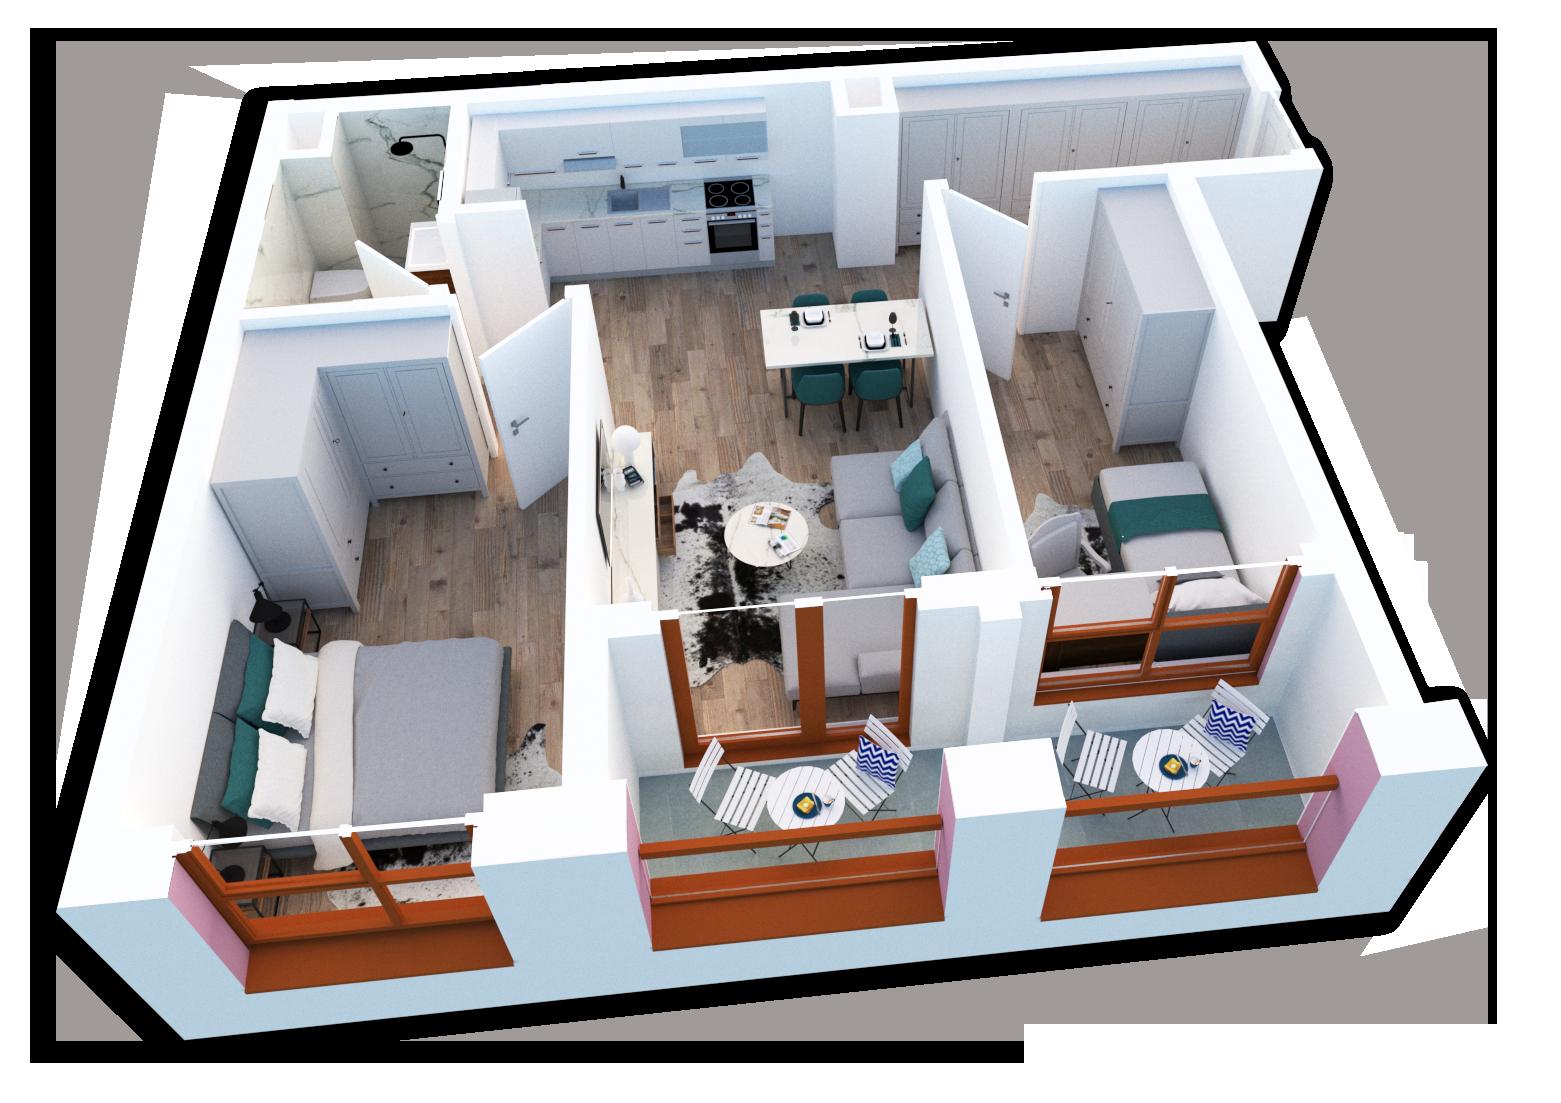 Apartament 2+1 në shitje në Tiranë - Mangalem 21 Shkalla 25 Kati 4